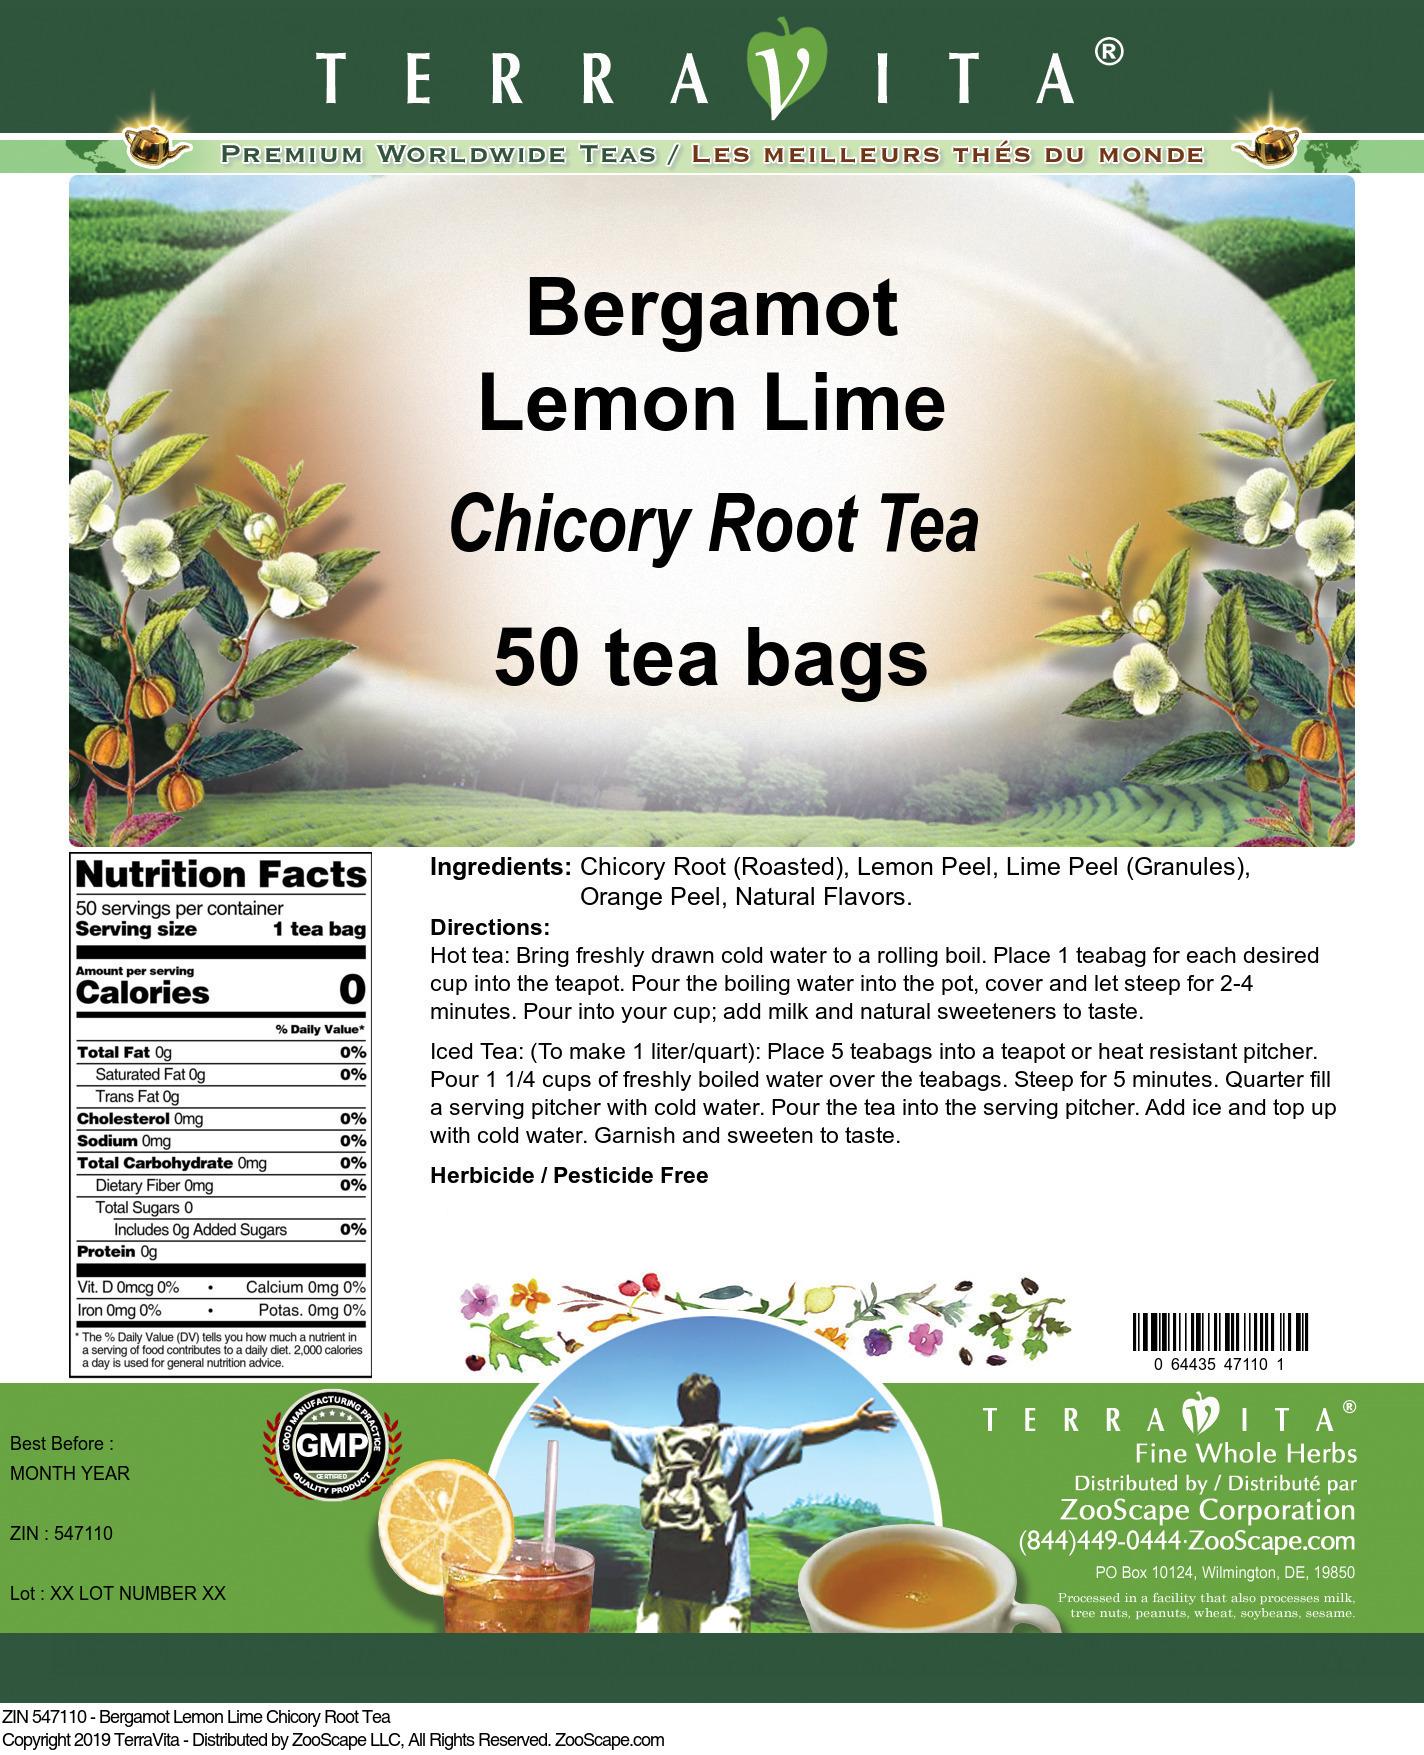 Bergamot Lemon Lime Chicory Root